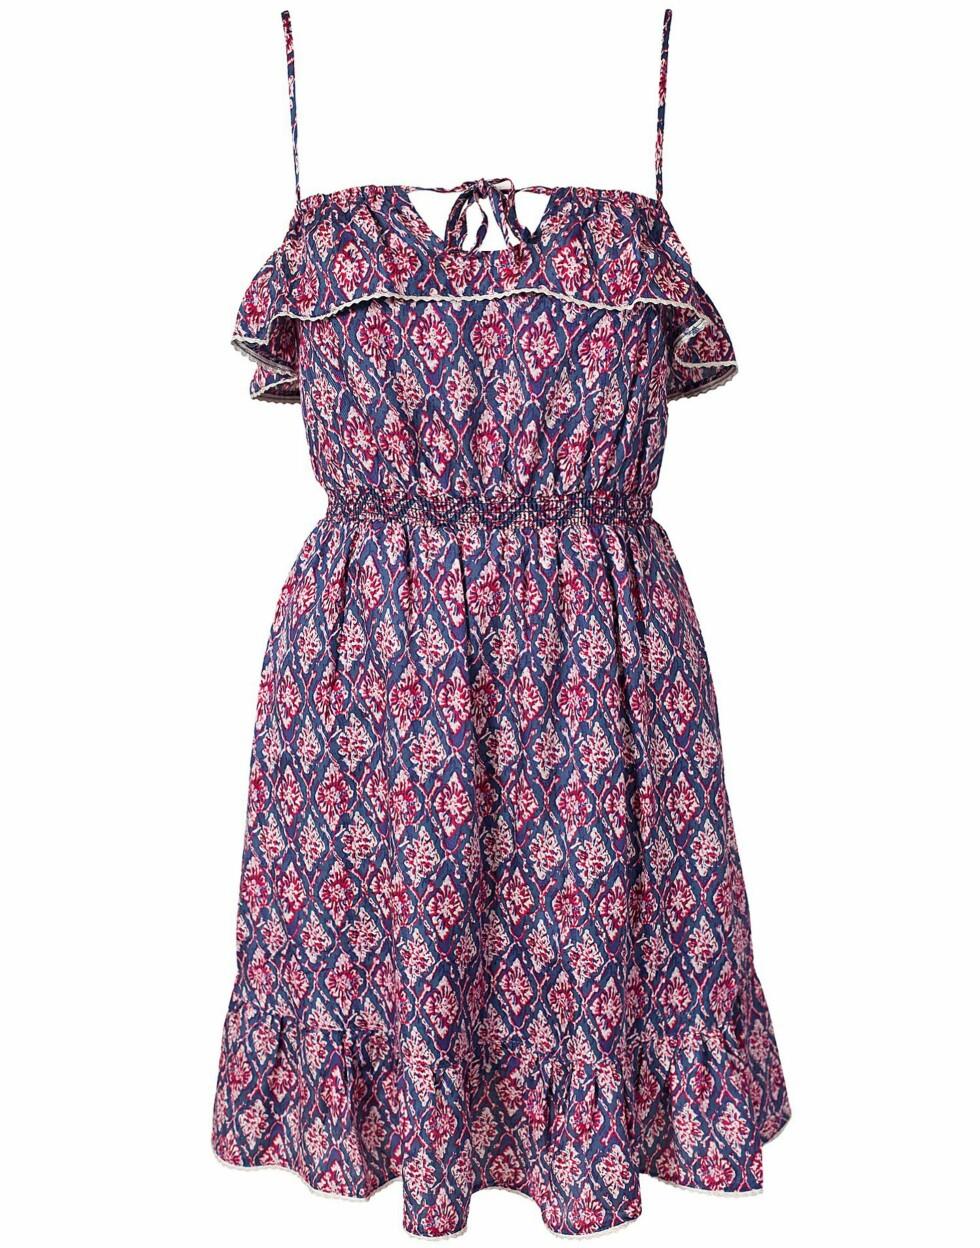 Romantisk mønstret kjole (1095 kroner, Pepe Jeans).  Foto: Produsenten